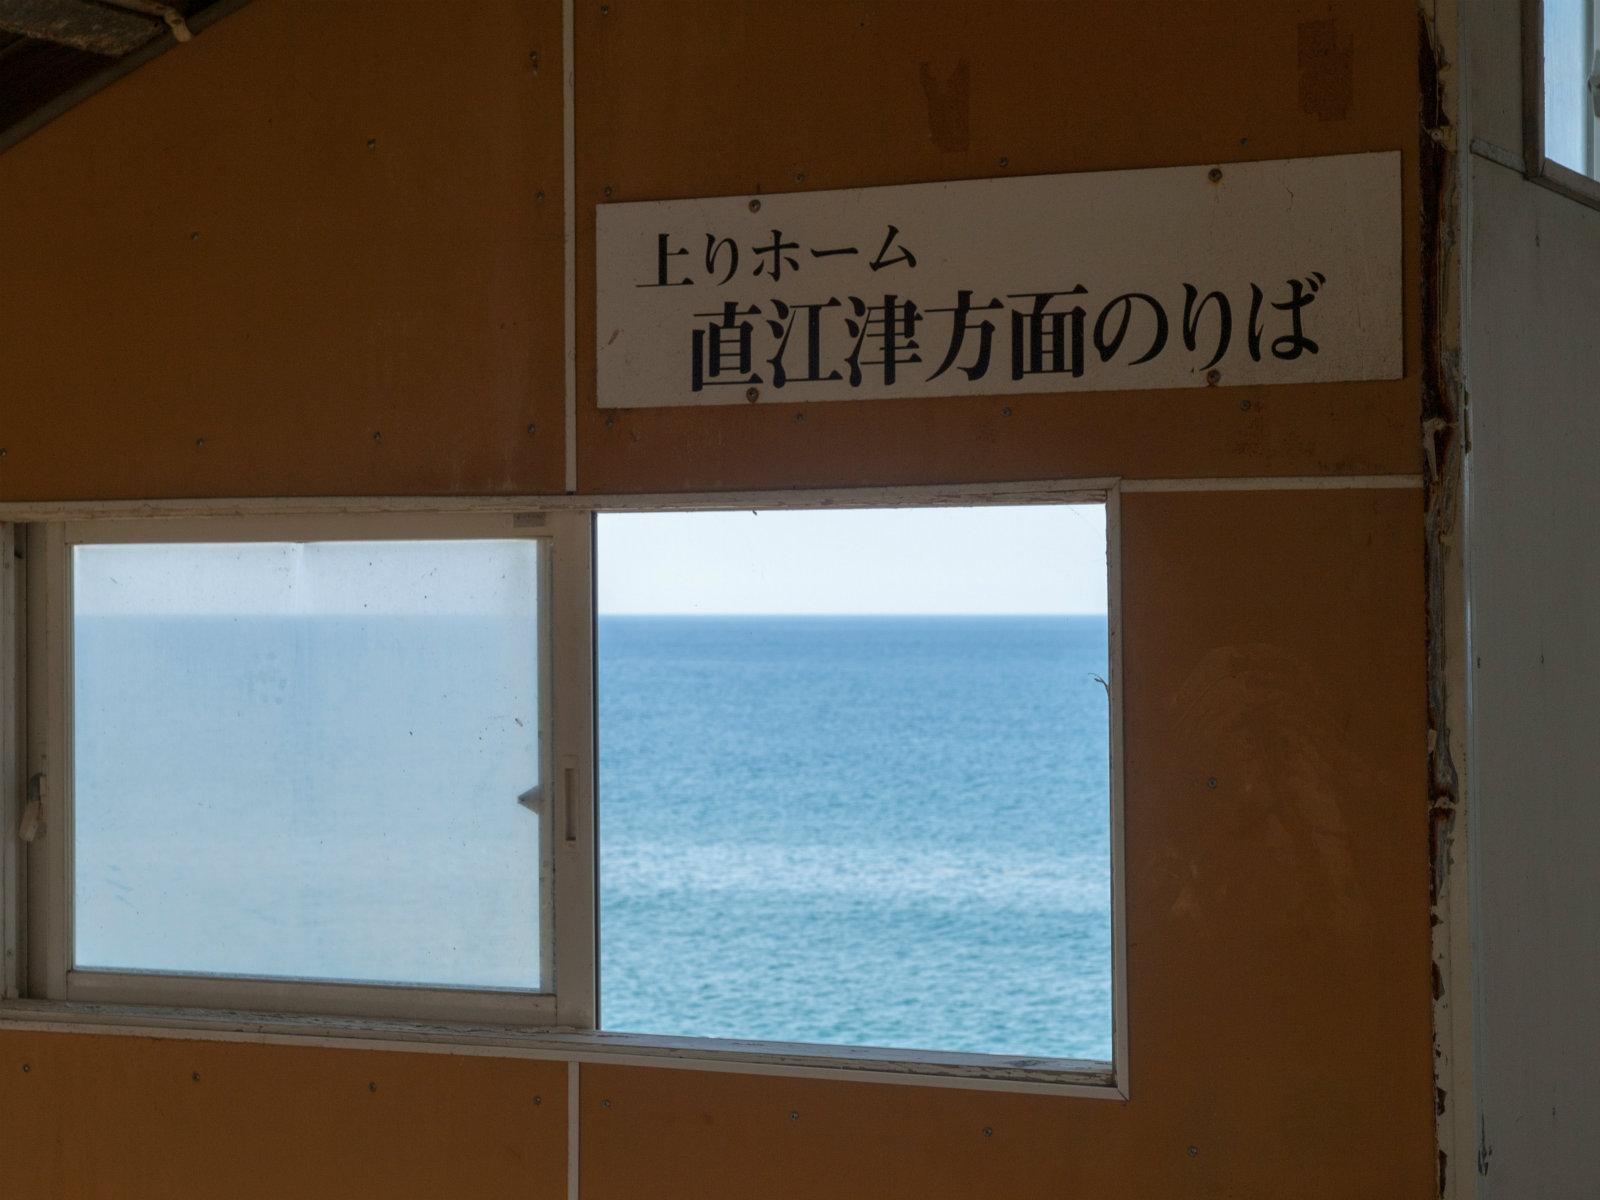 米山駅の跨線橋から見た日本海